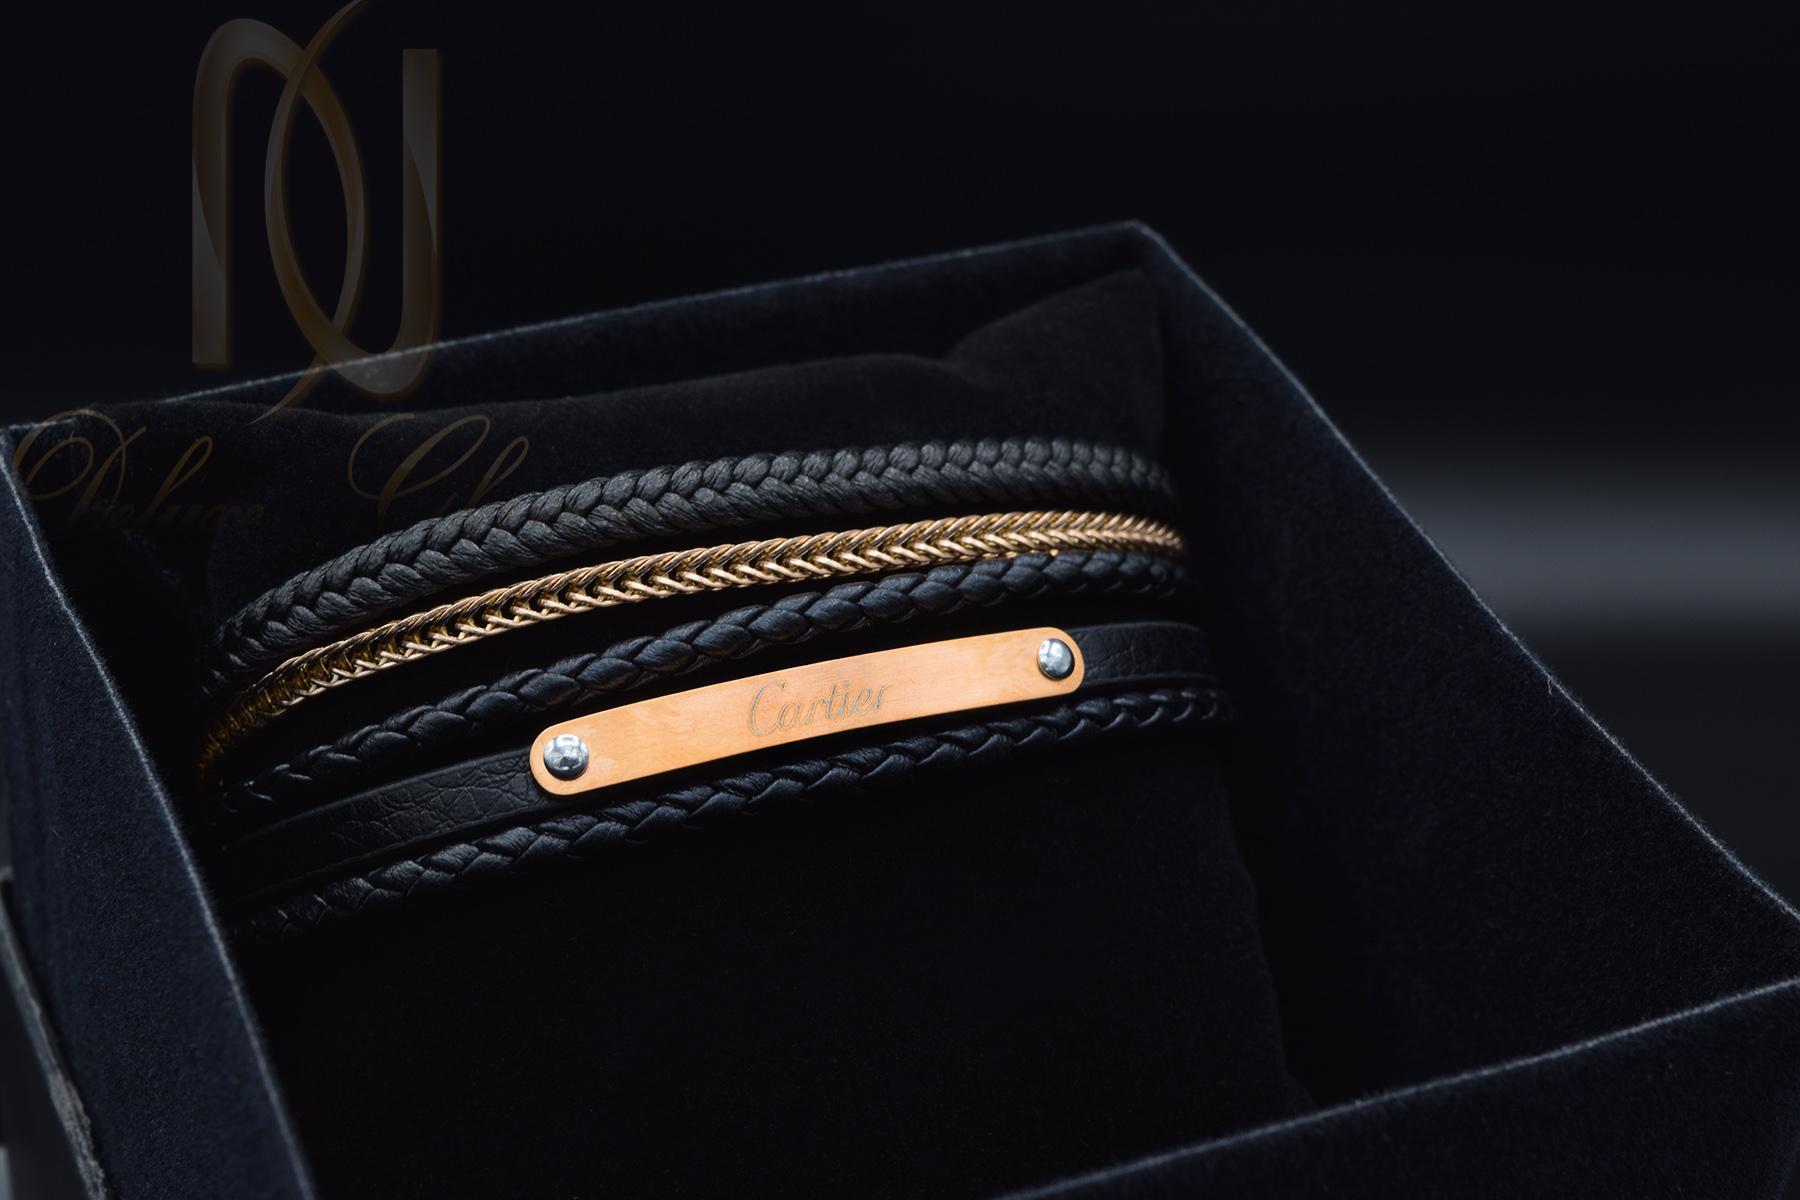 دستبند پسرانه چرمی طرح کارتیه ds-n358 از نمای مشکی